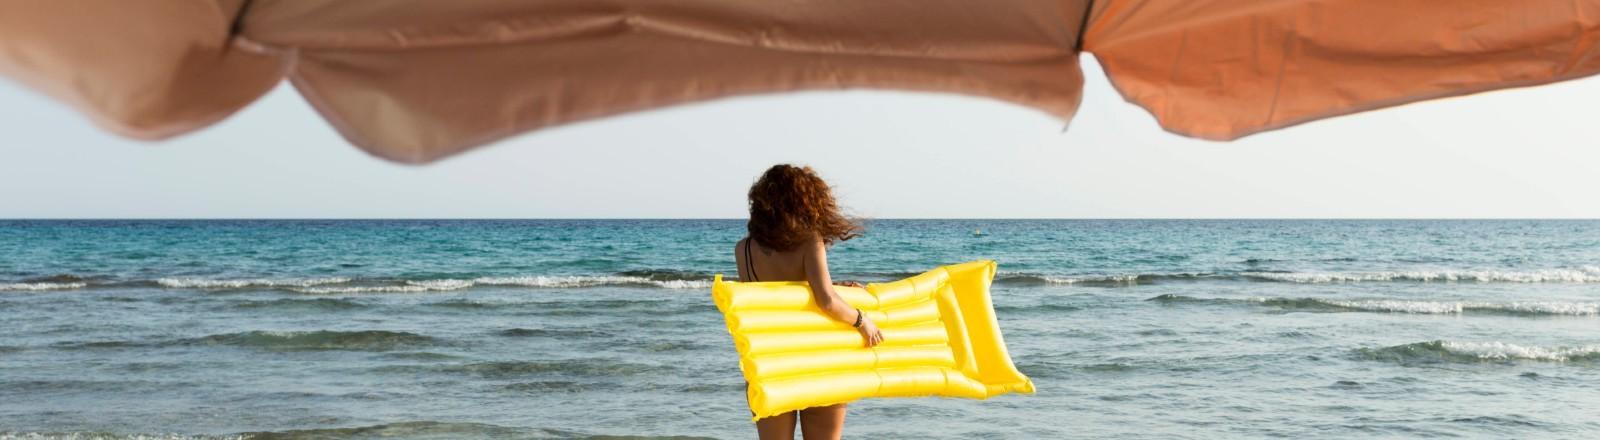 Junge Frau Luftmatratze am Meer.